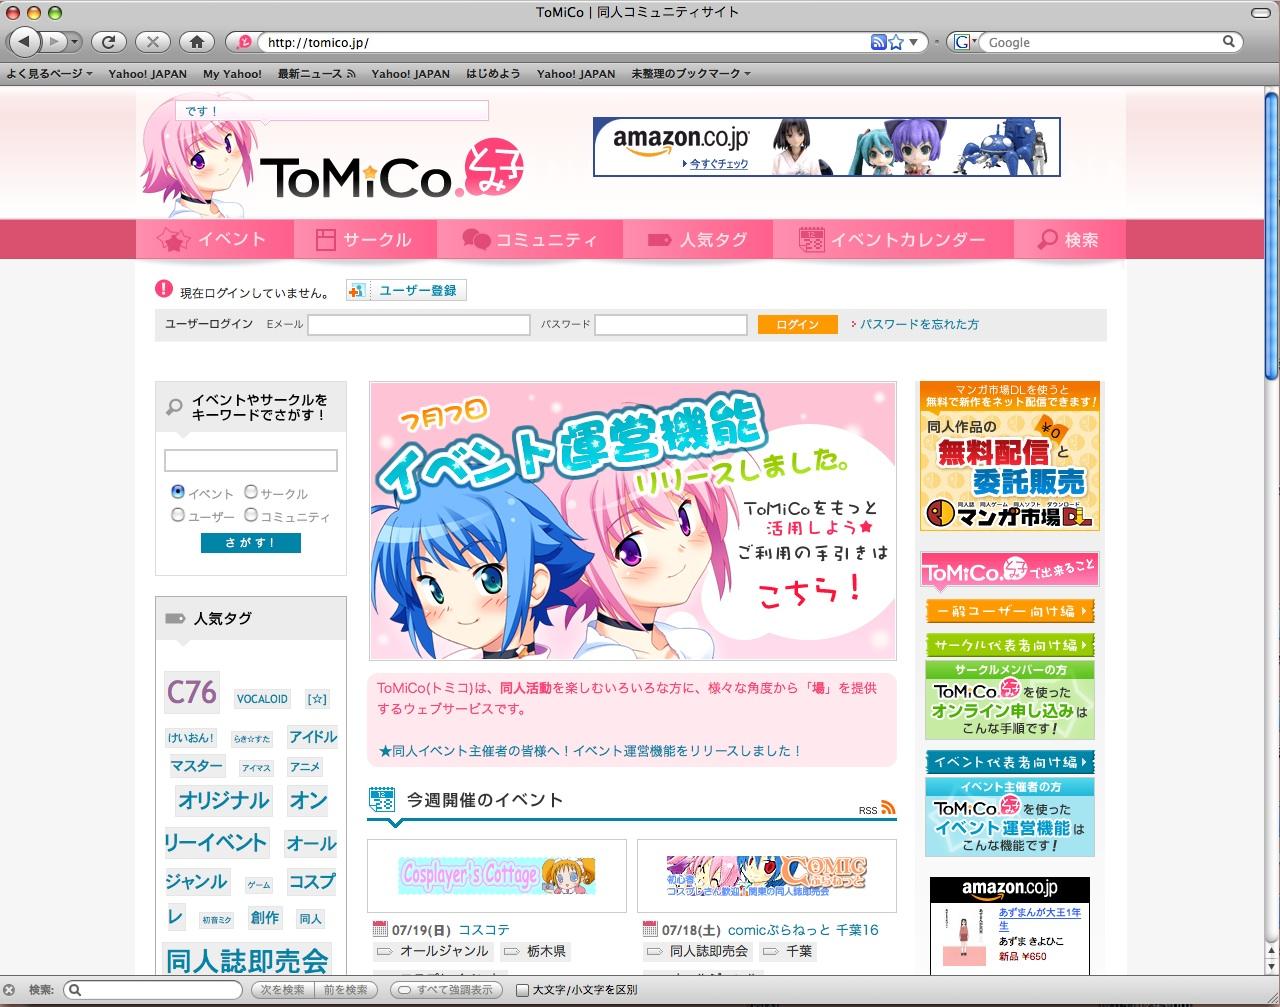 tomico_top.jpg